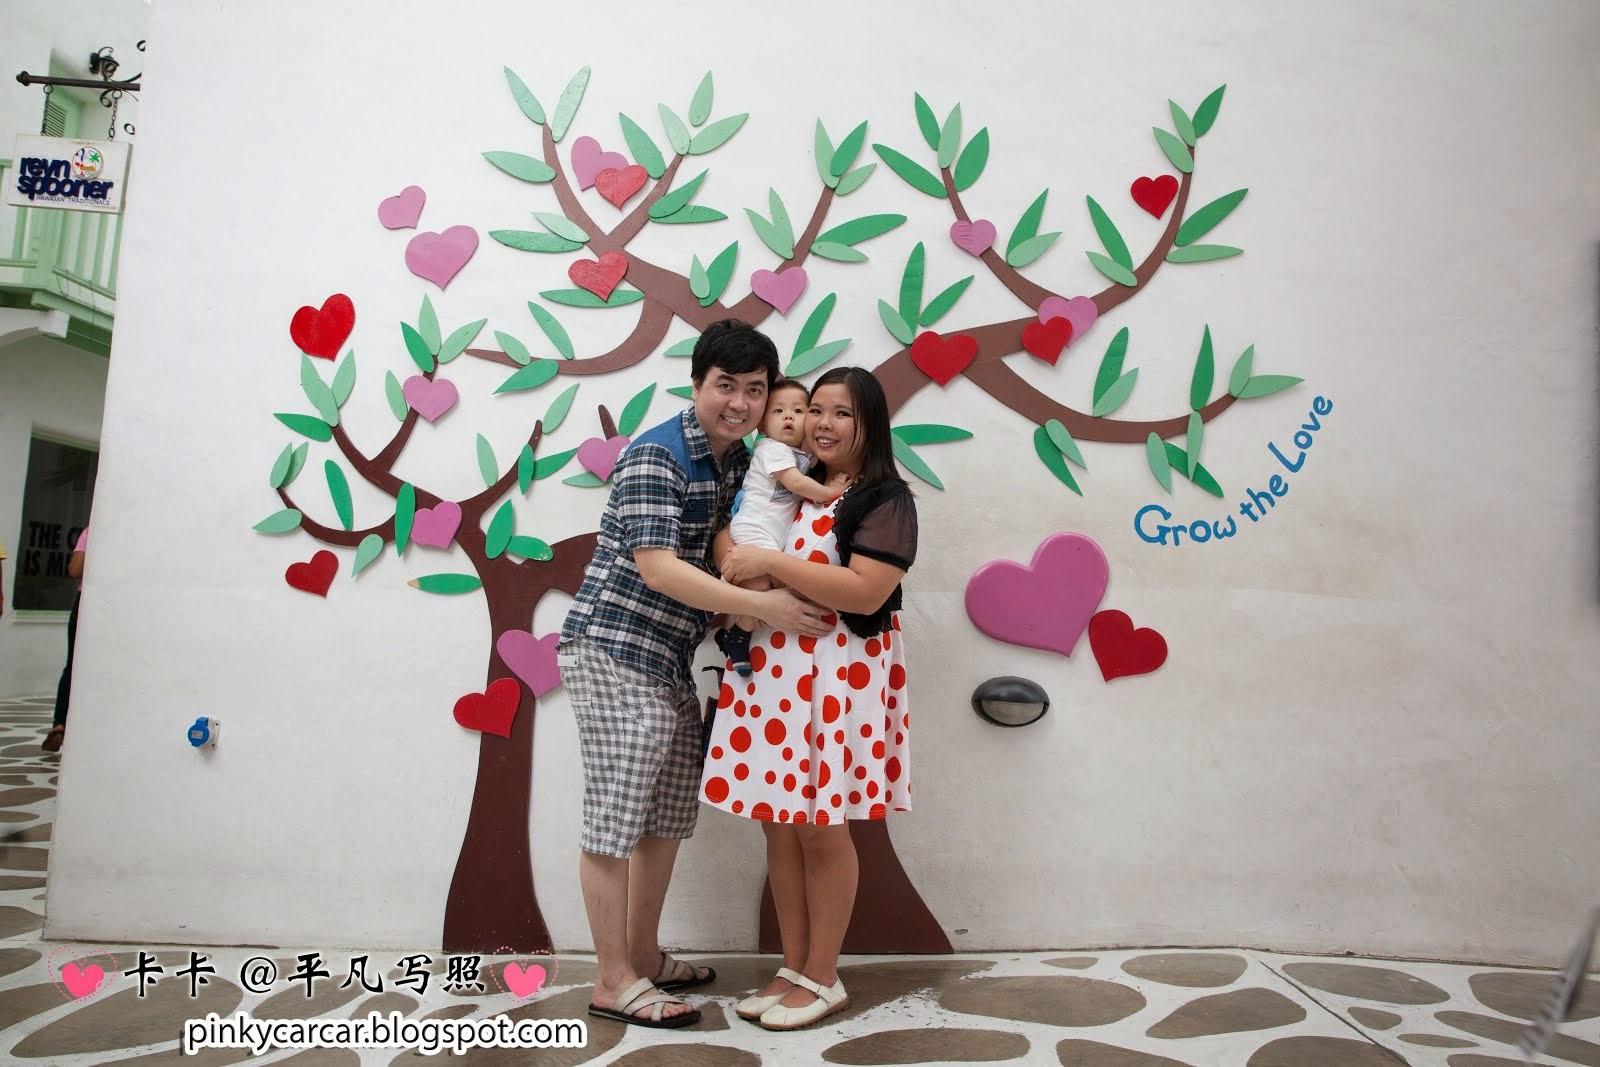 卡卡 ♥ 华欣Santori Park